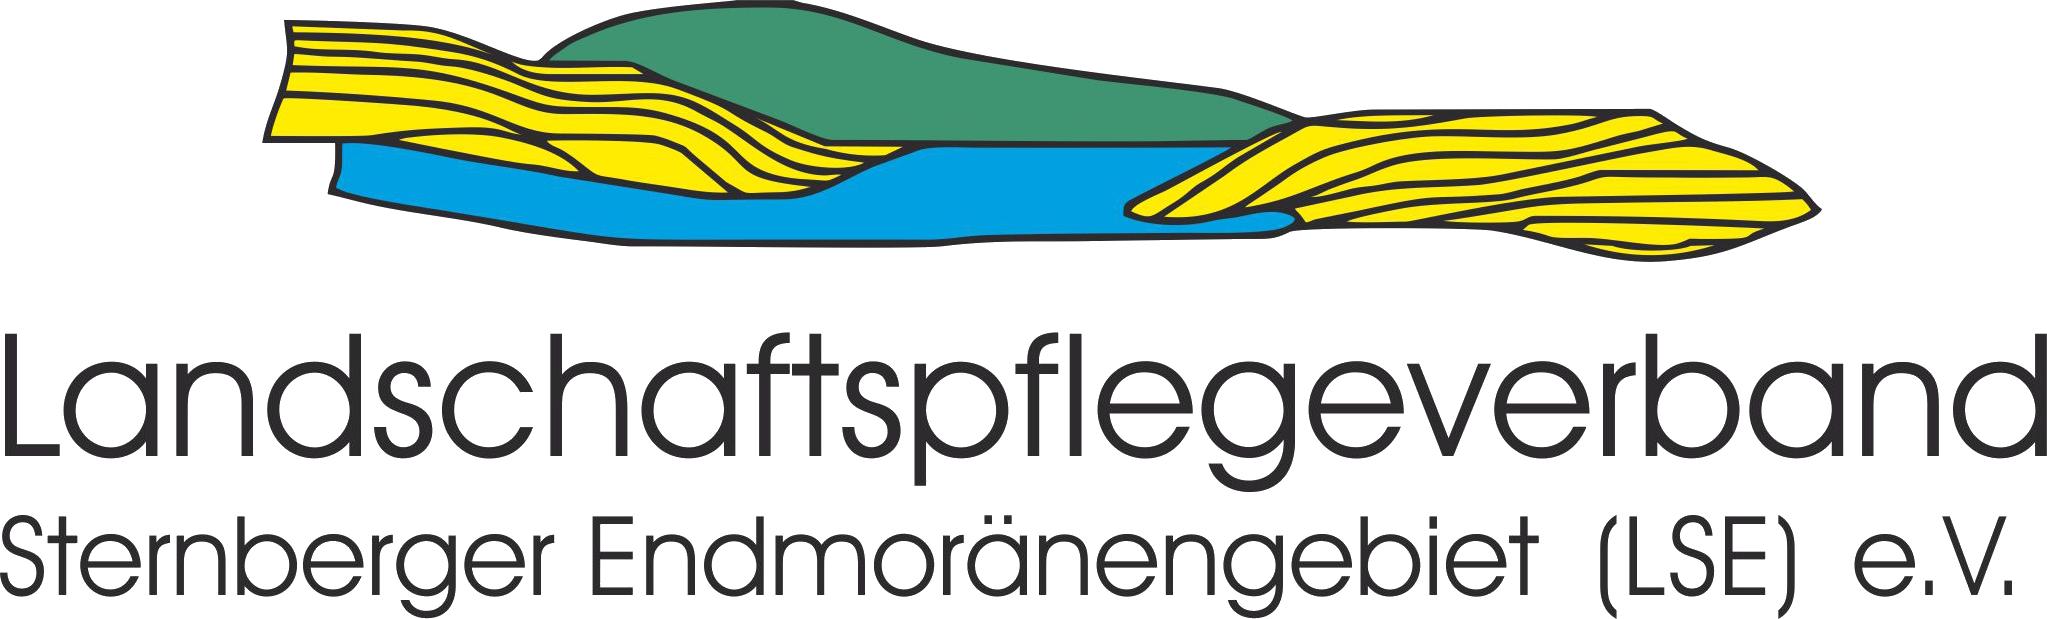 Landschaftspflegeverband Sternberger Endmoränengebiet